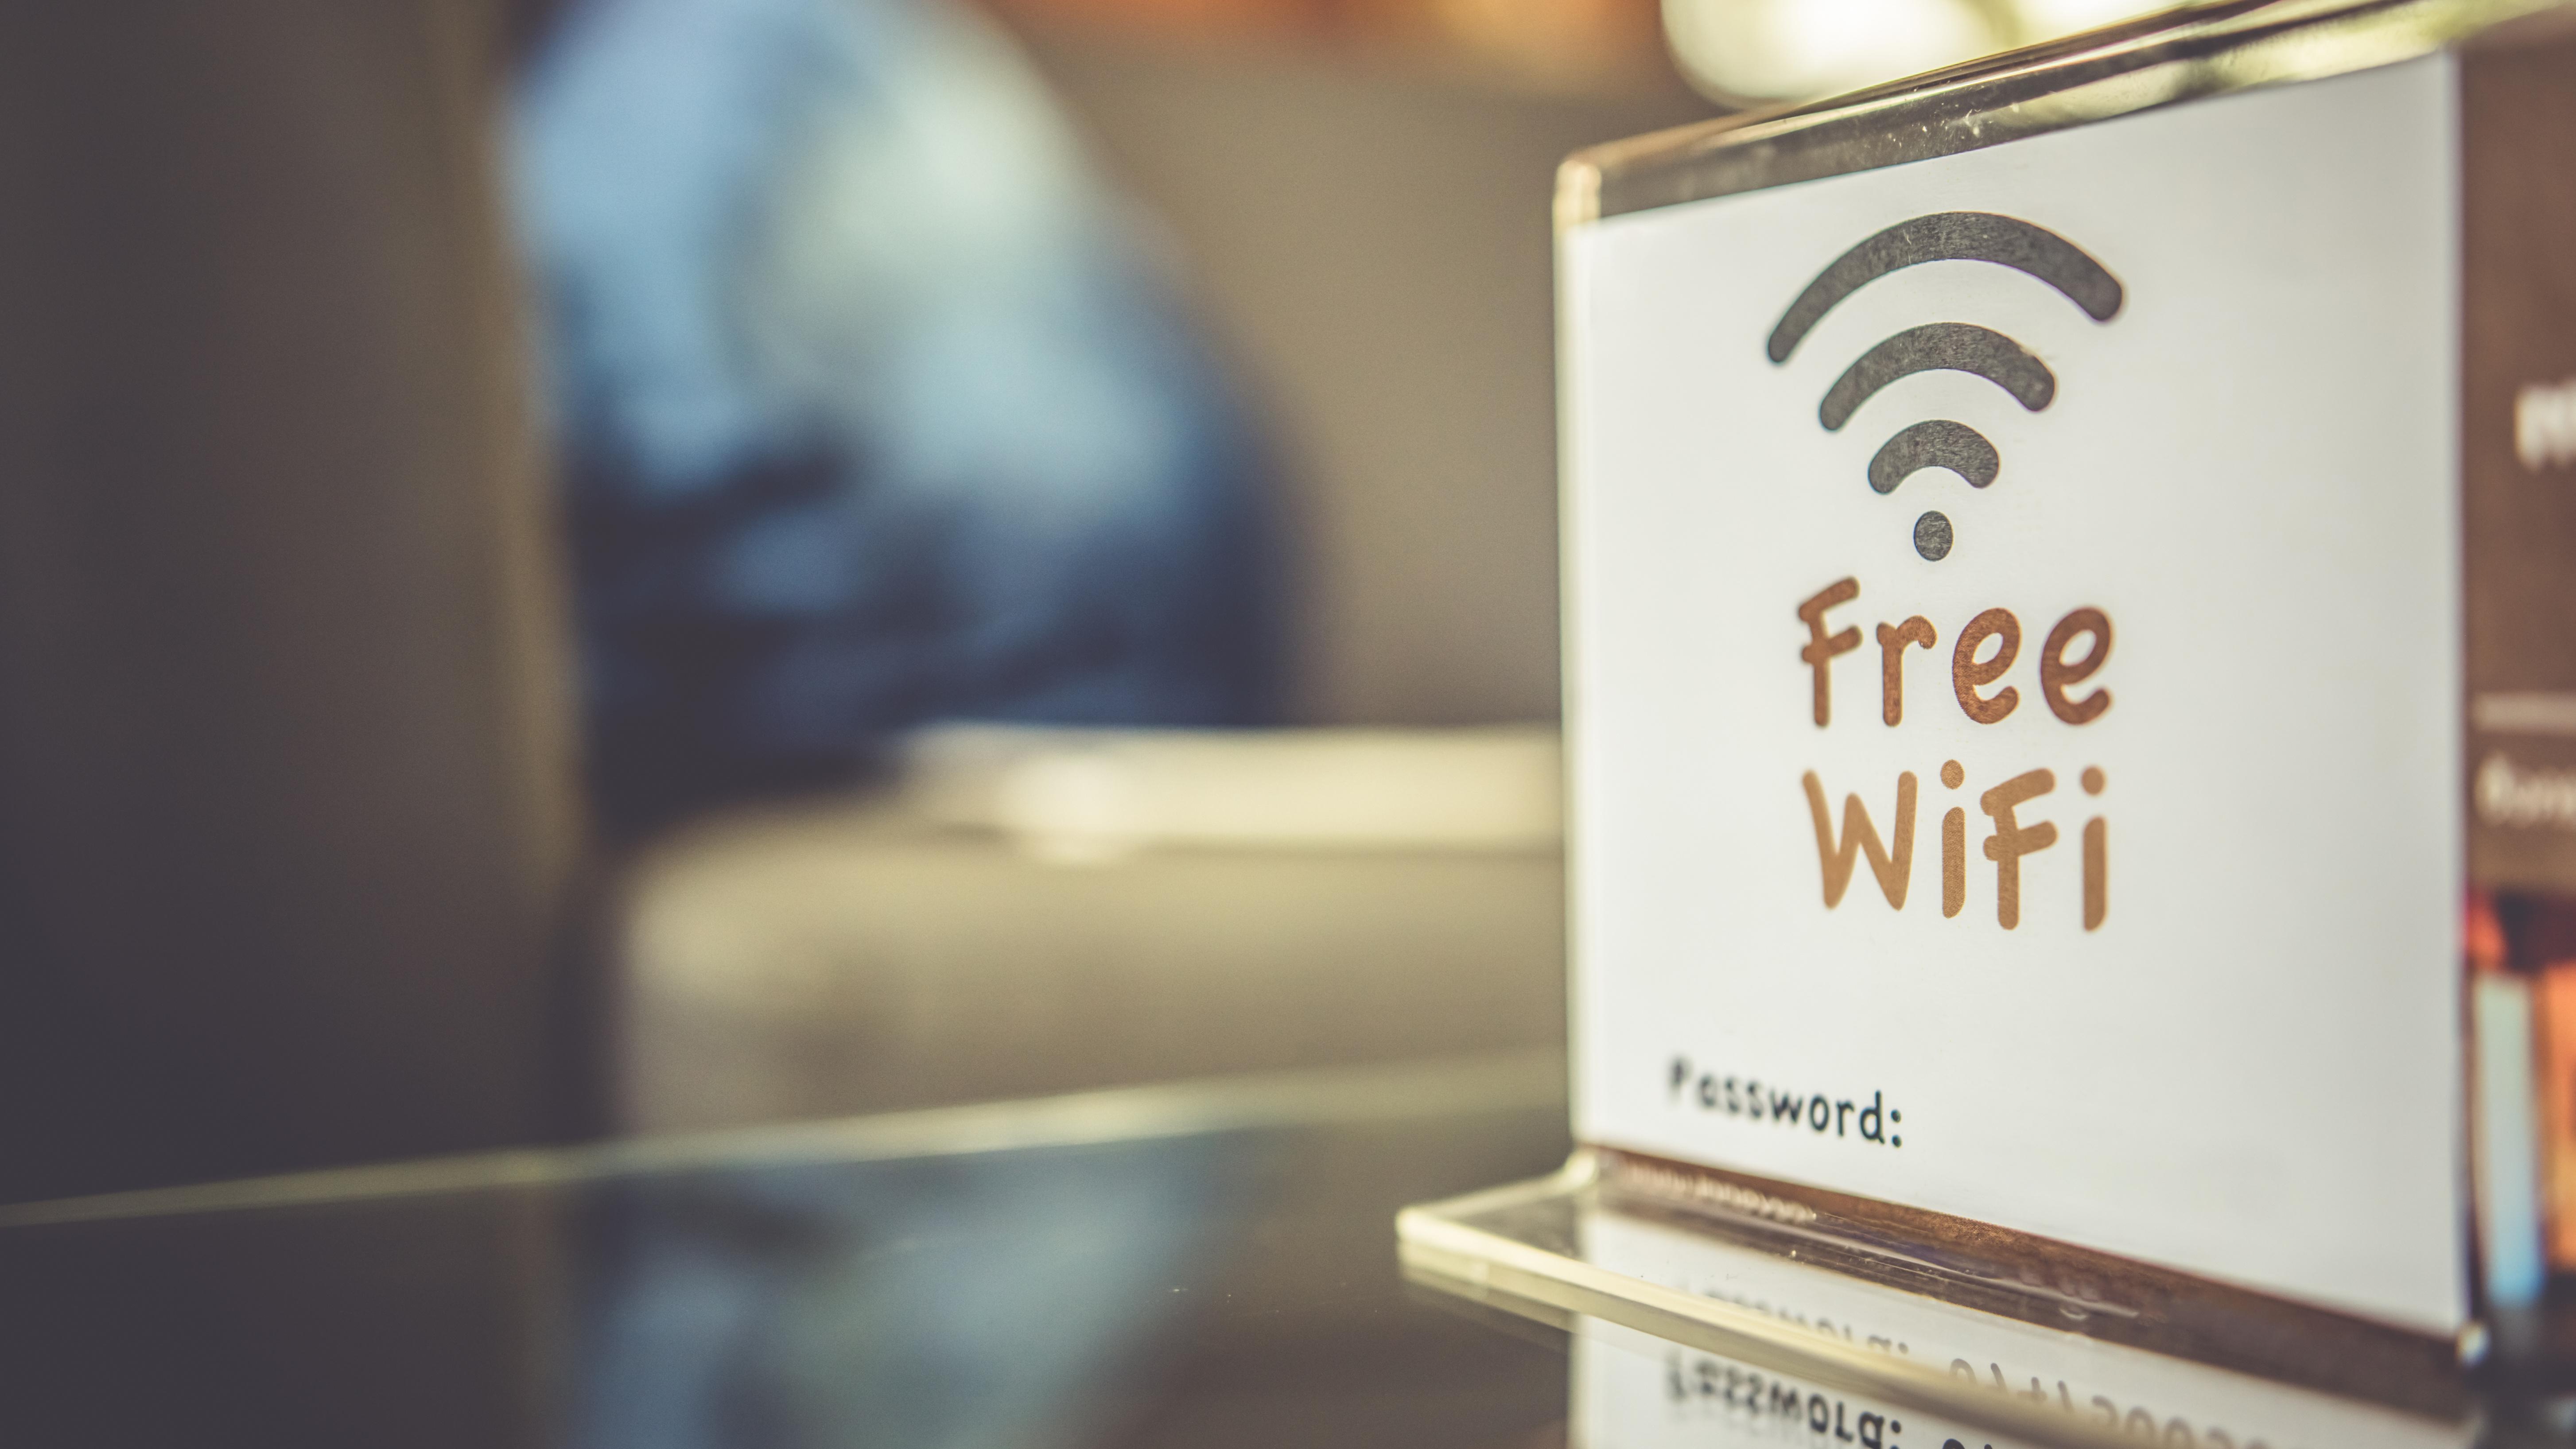 便利なフリーWi-Fiを使いこなすために知っておきたいこと